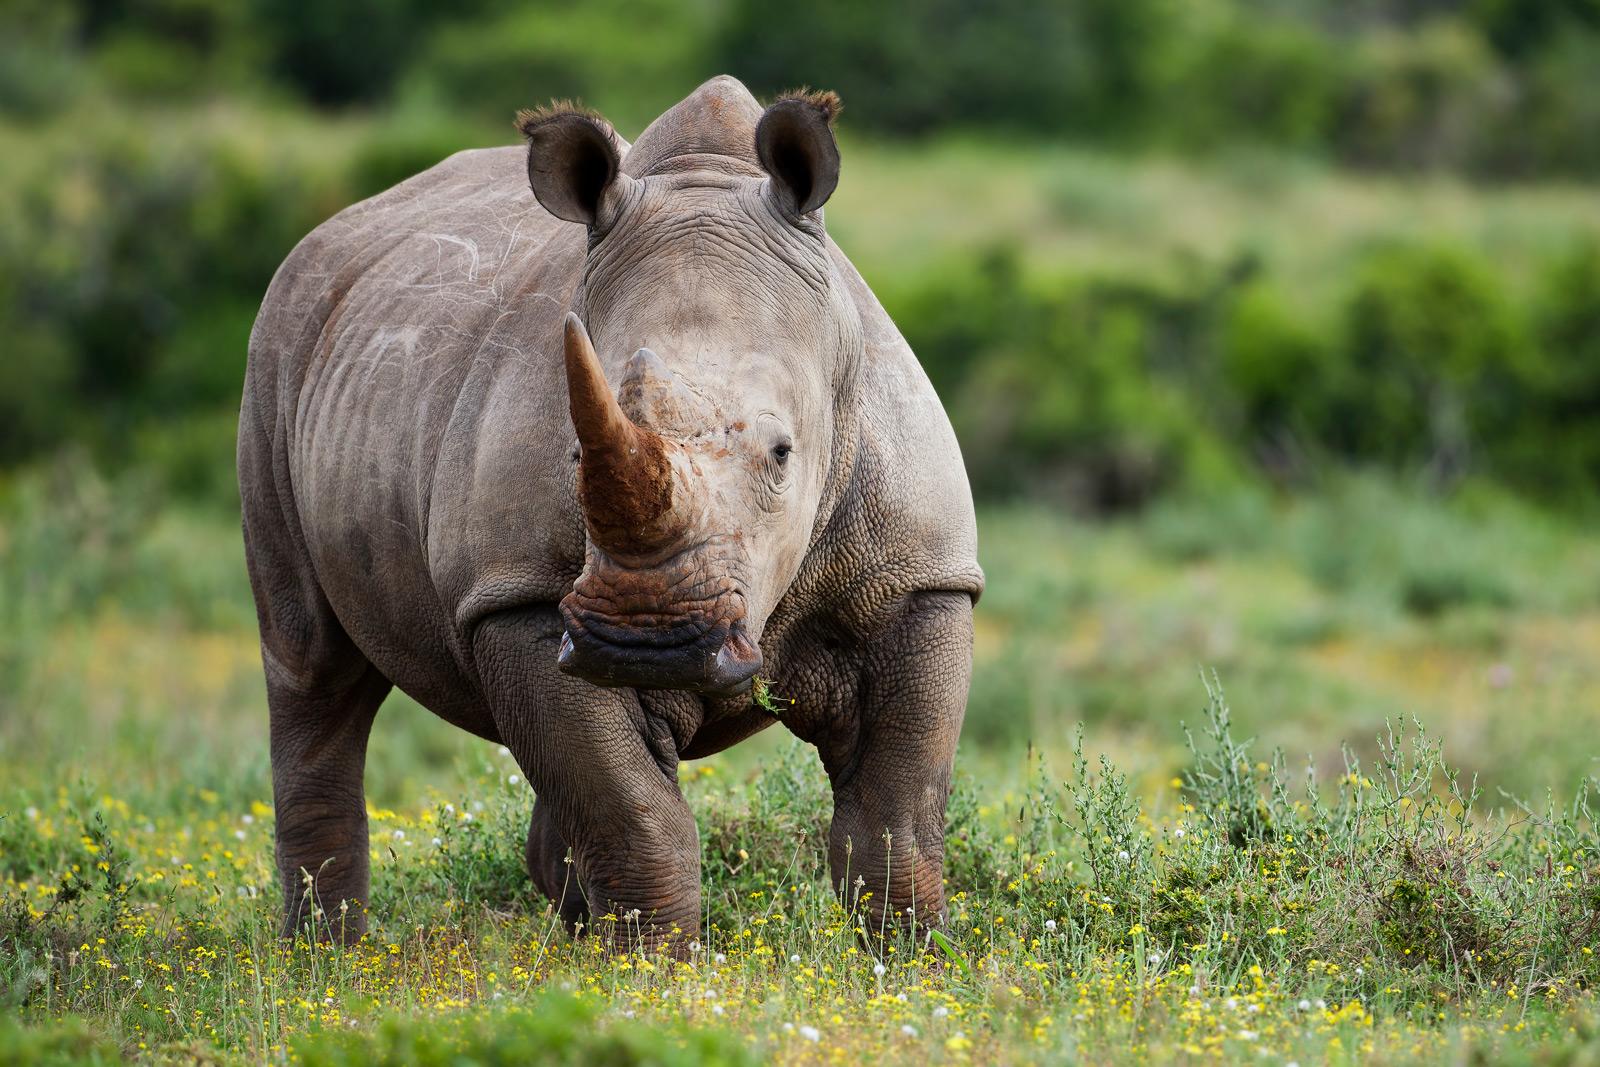 rhino-07.jpg Rhino 07